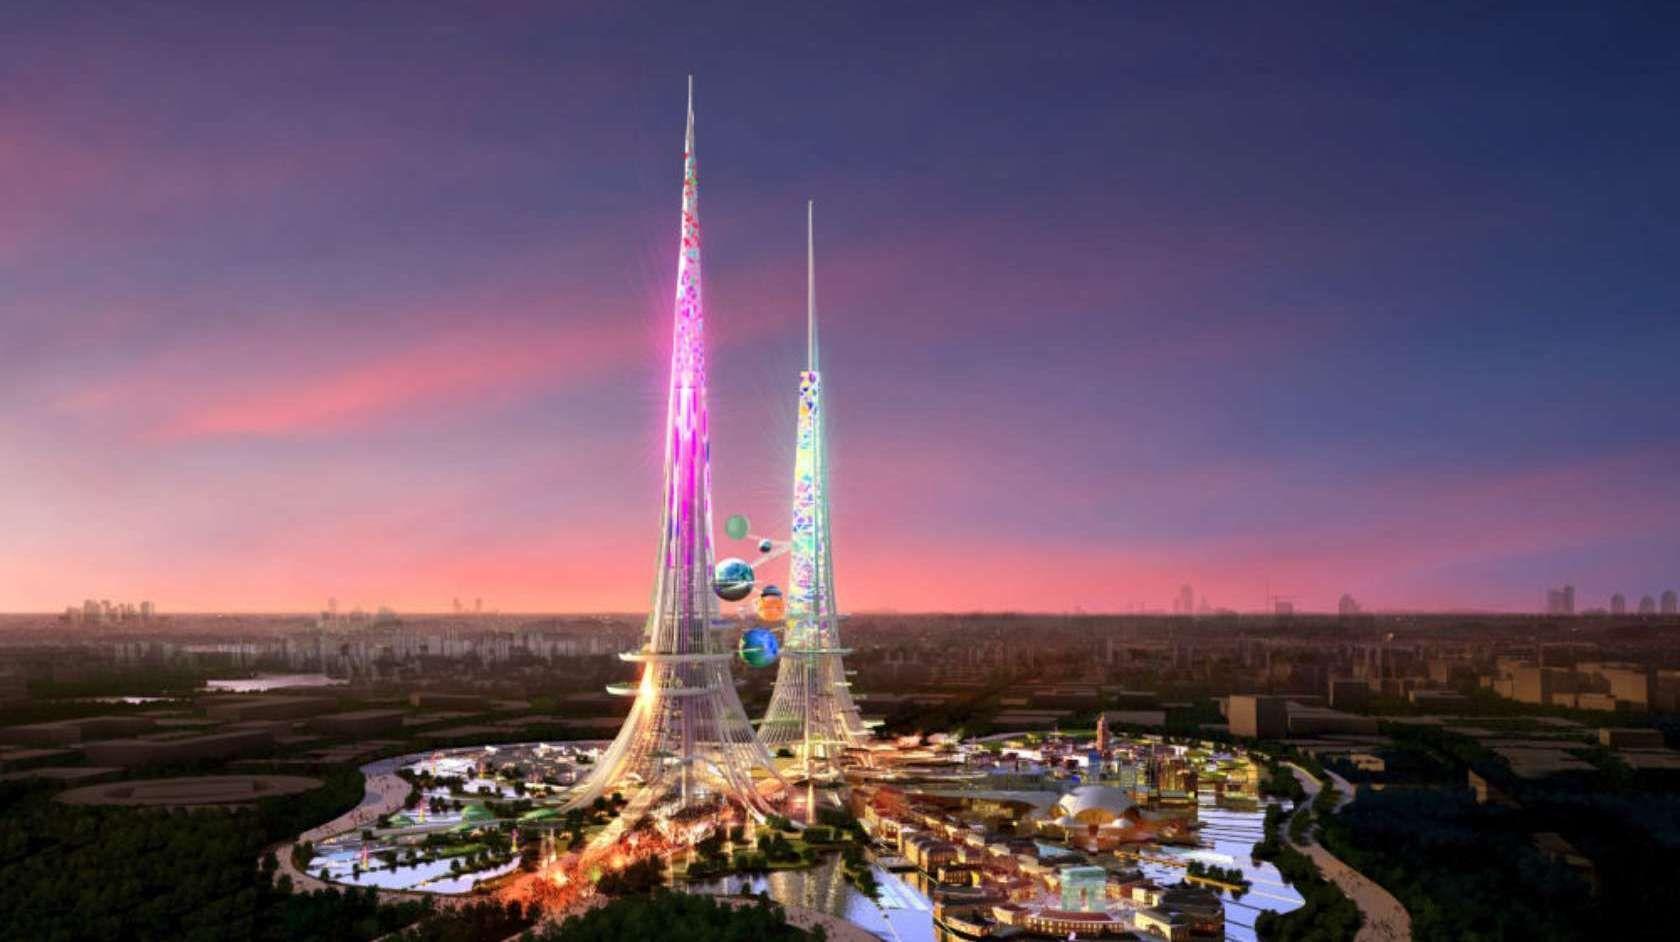 Dette kan bli verdens høyeste konstruksjon